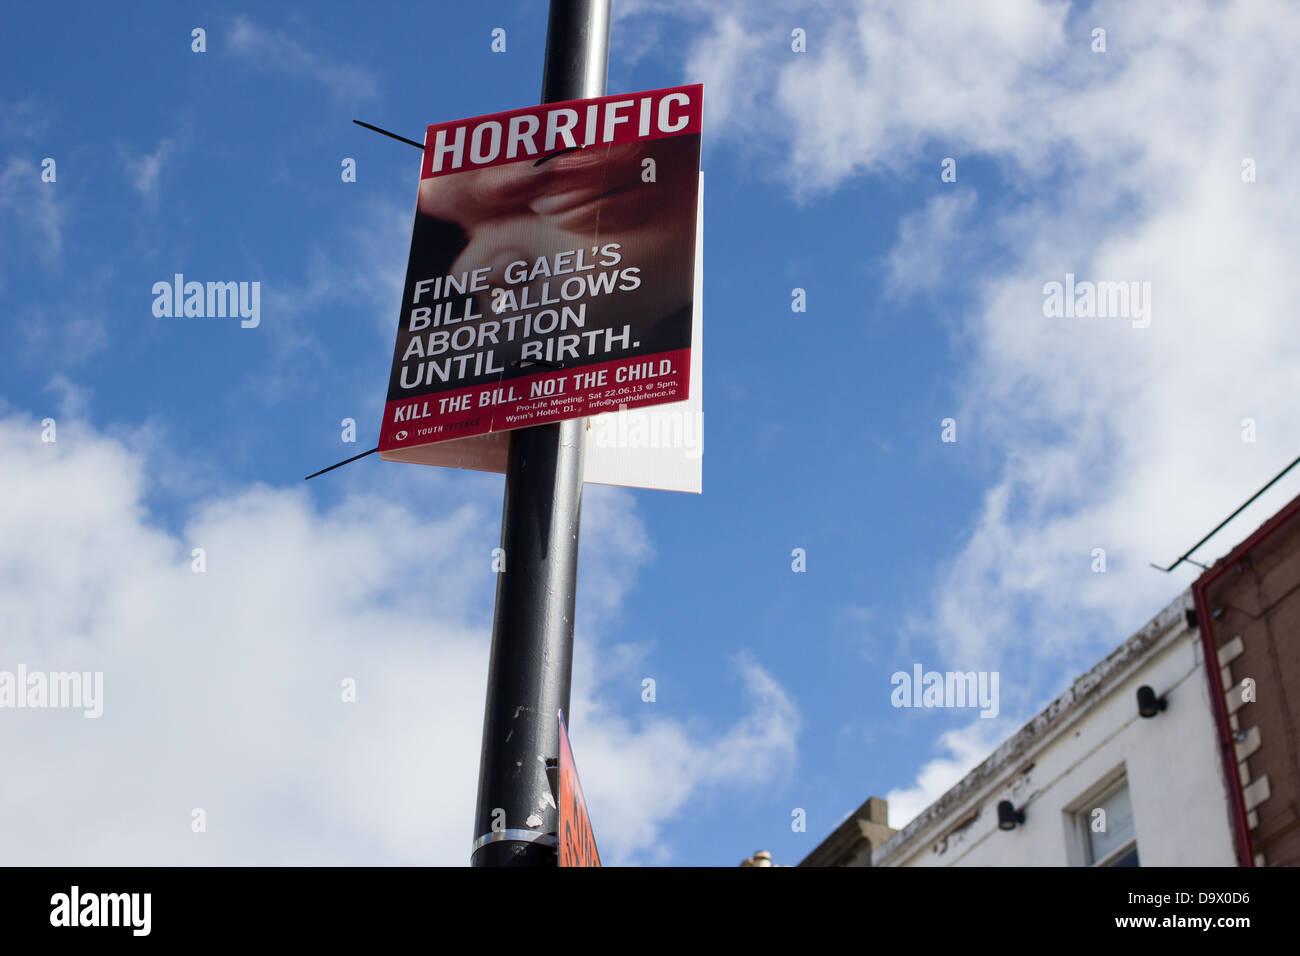 Anti Abortion Poster Stock Photos & Anti Abortion Poster Stock ...